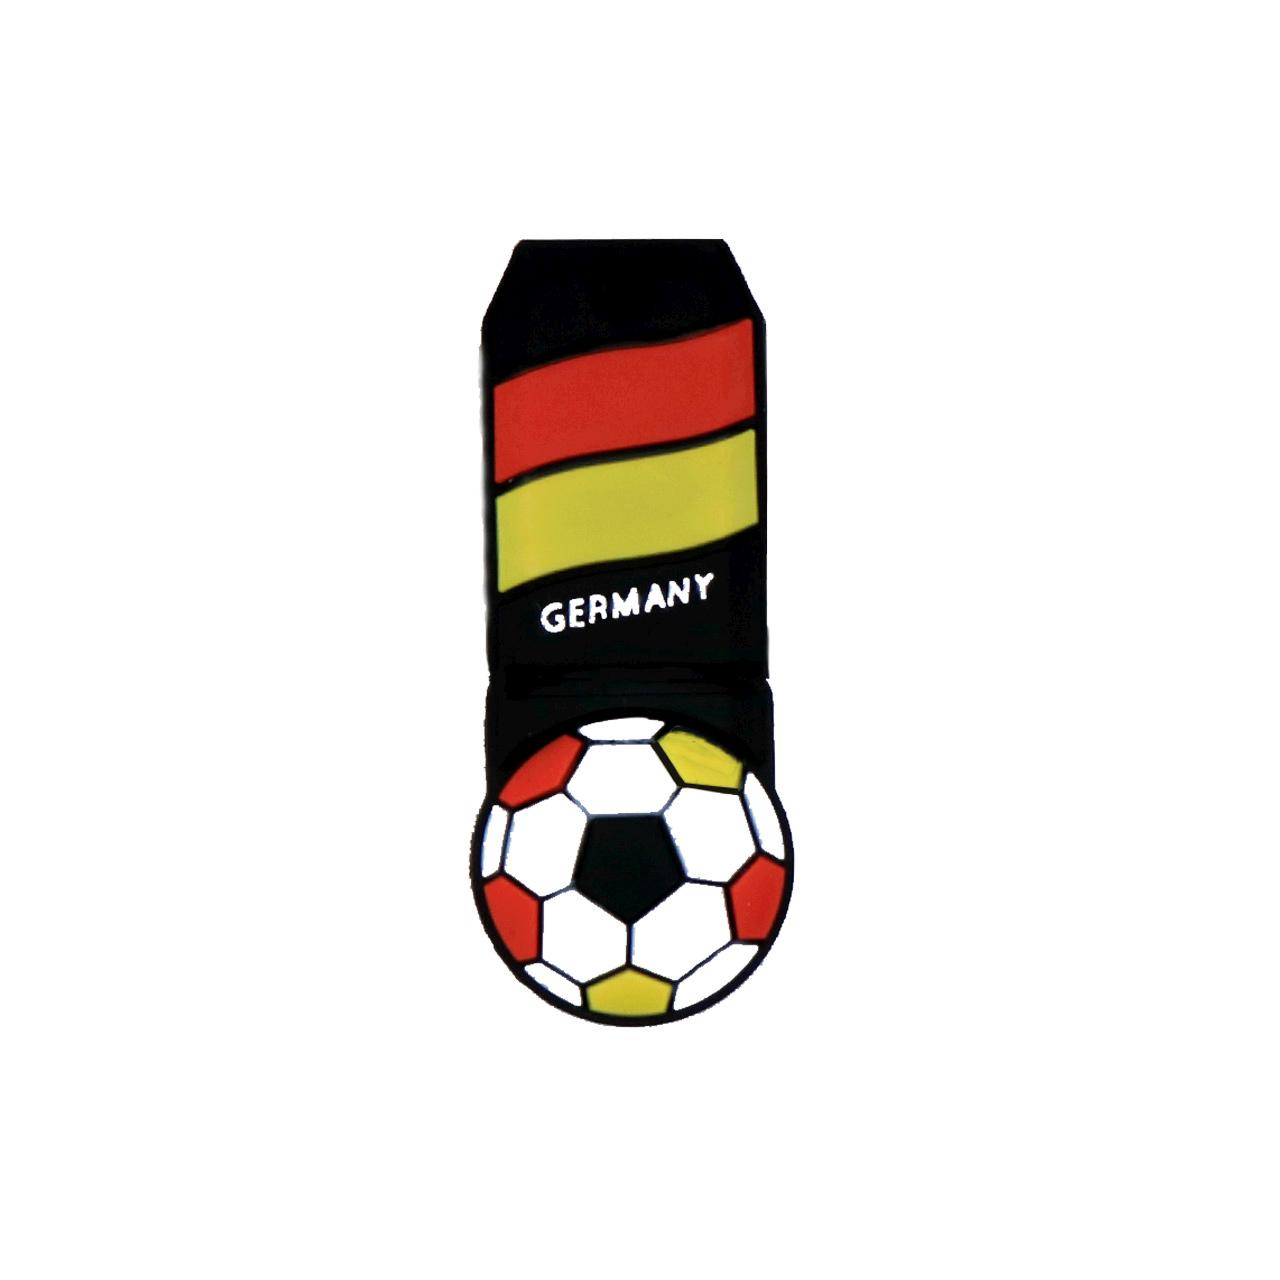 بررسی و {خرید با تخفیف} فلش مموری طرح پرچم آلمان مدل DPL1128-4-U3 ظرفیت 64 گیگابایت اصل